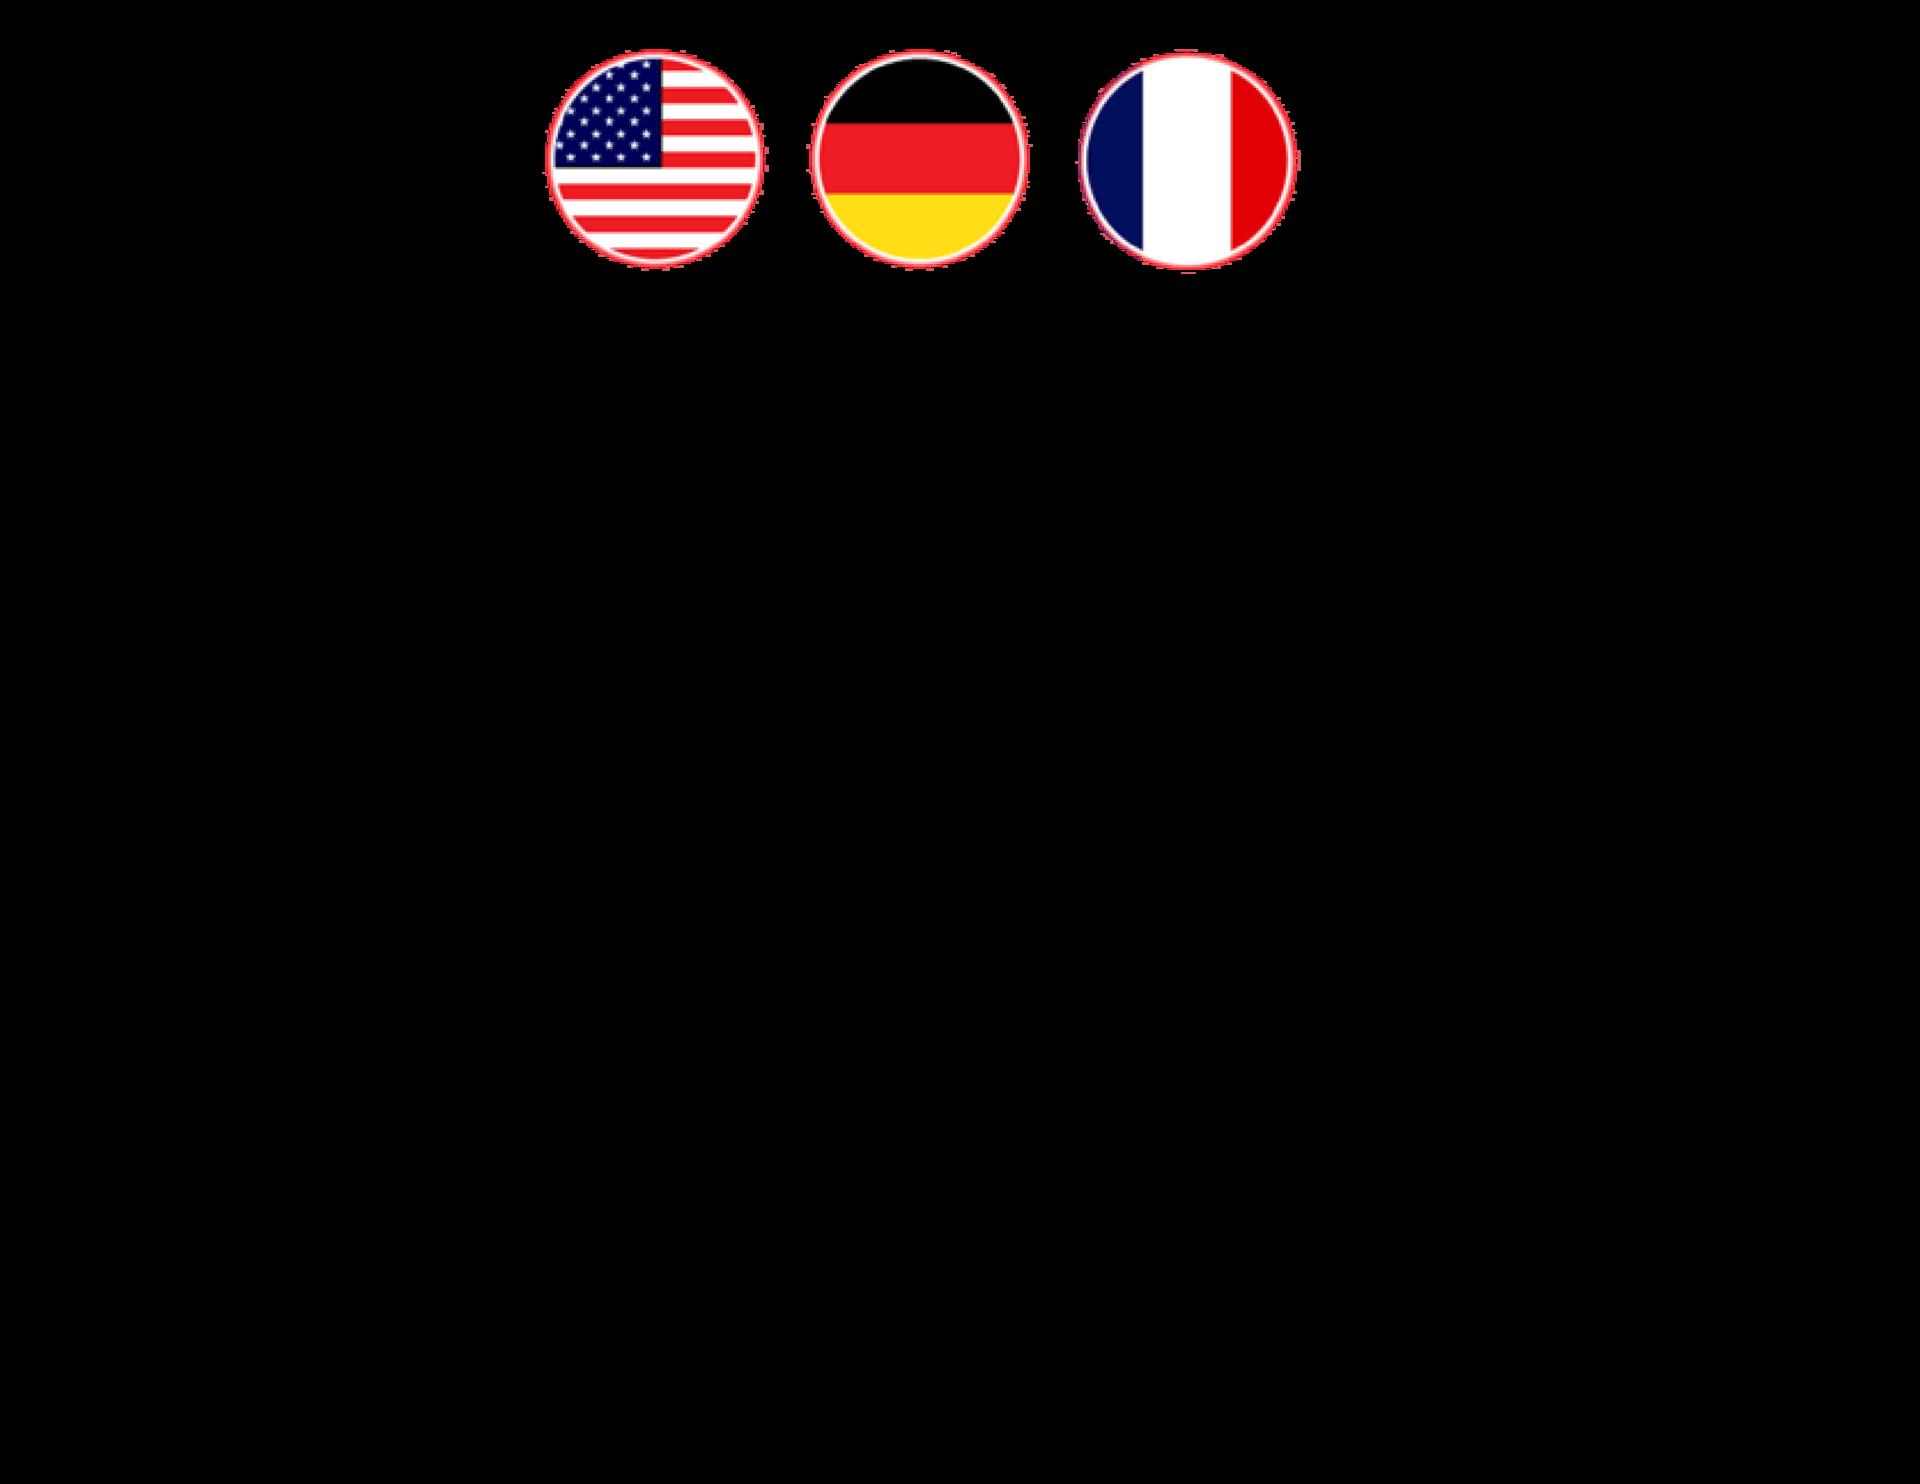 Banderas de idiomas